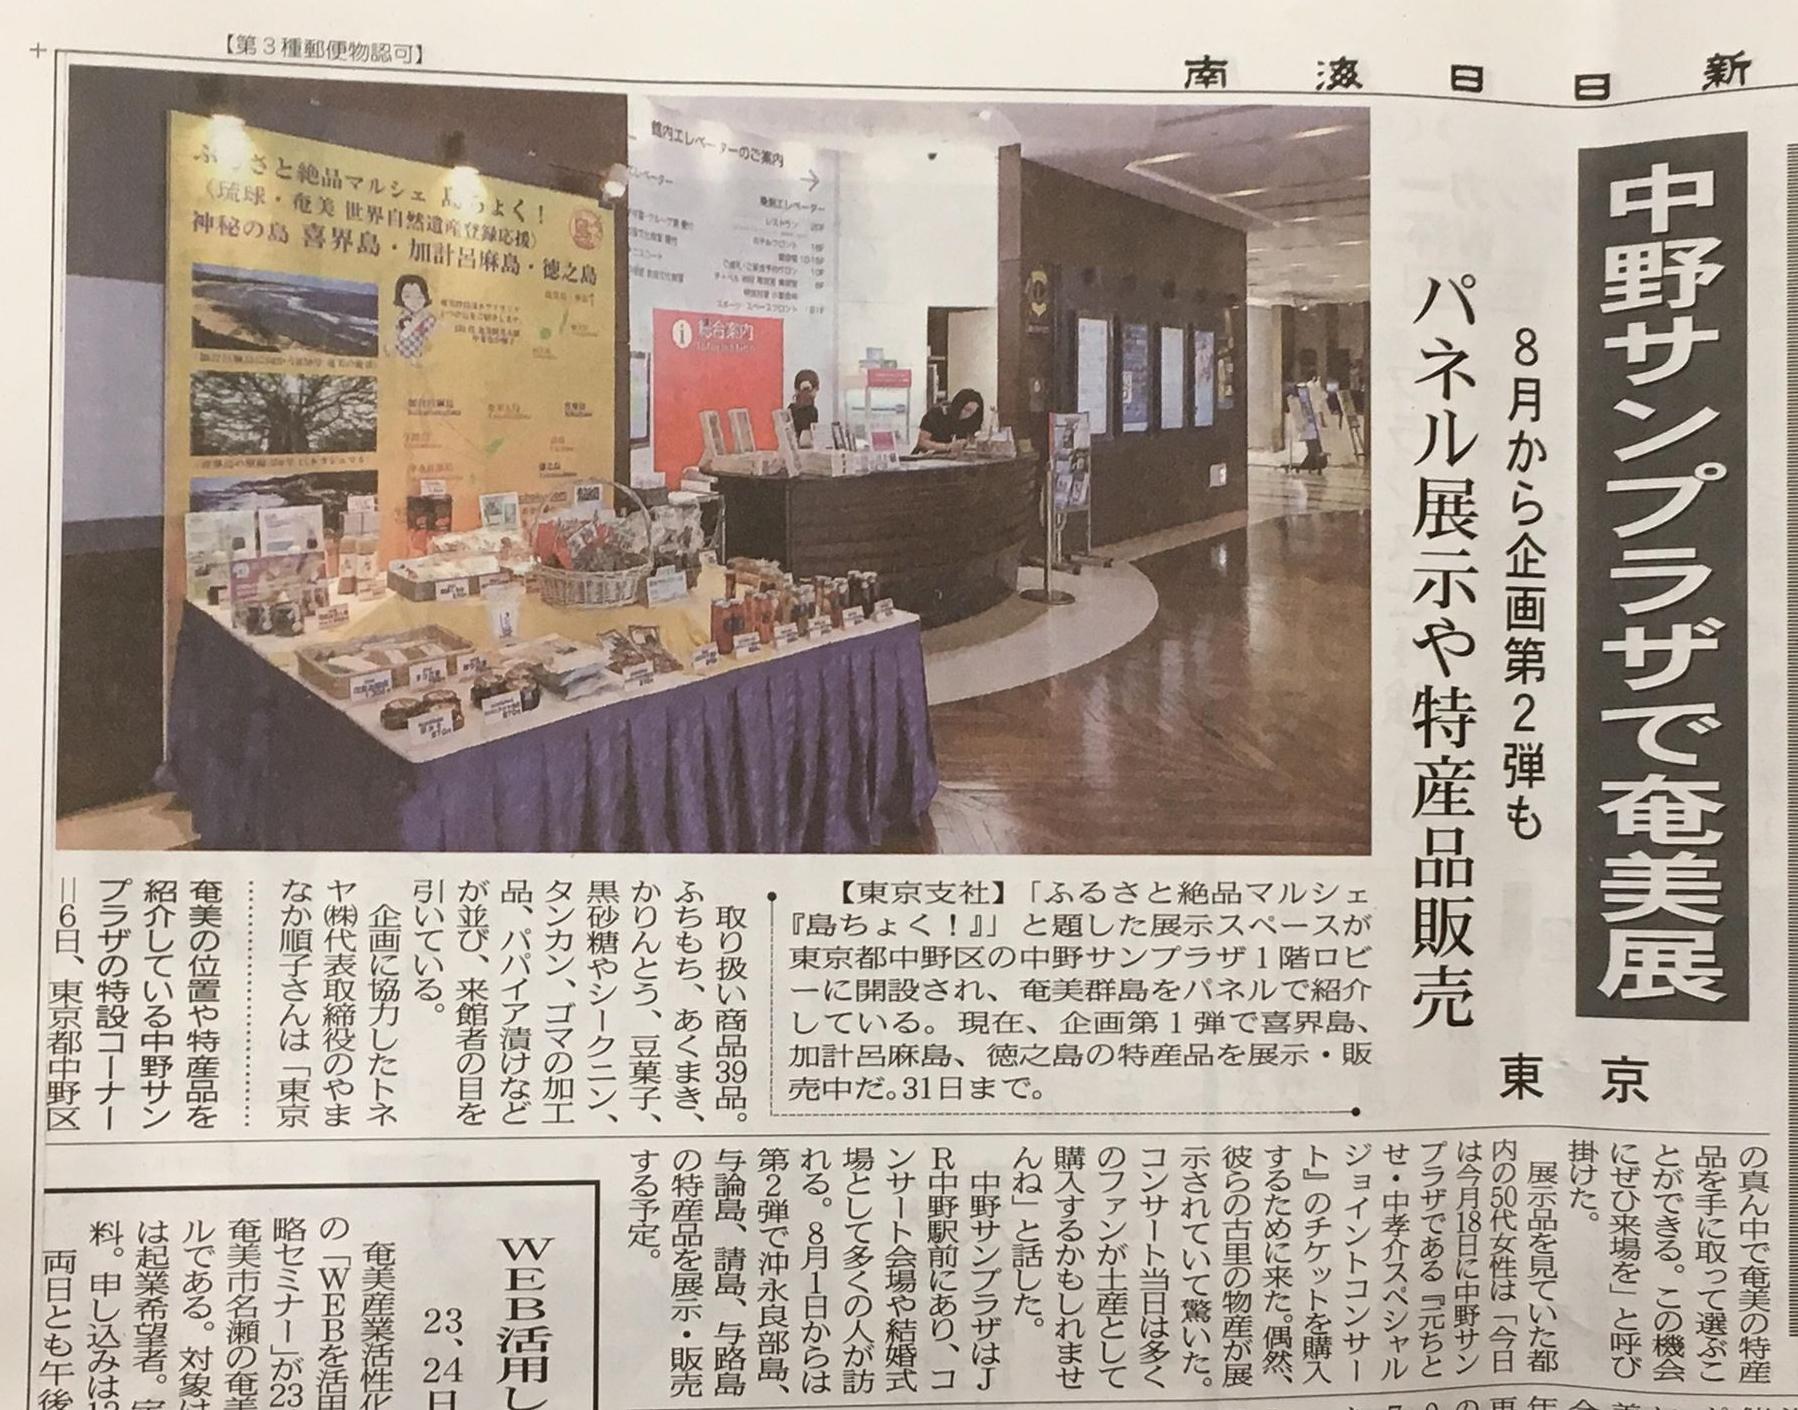 https://shima-choku.com/articles/images/20180719.jpg